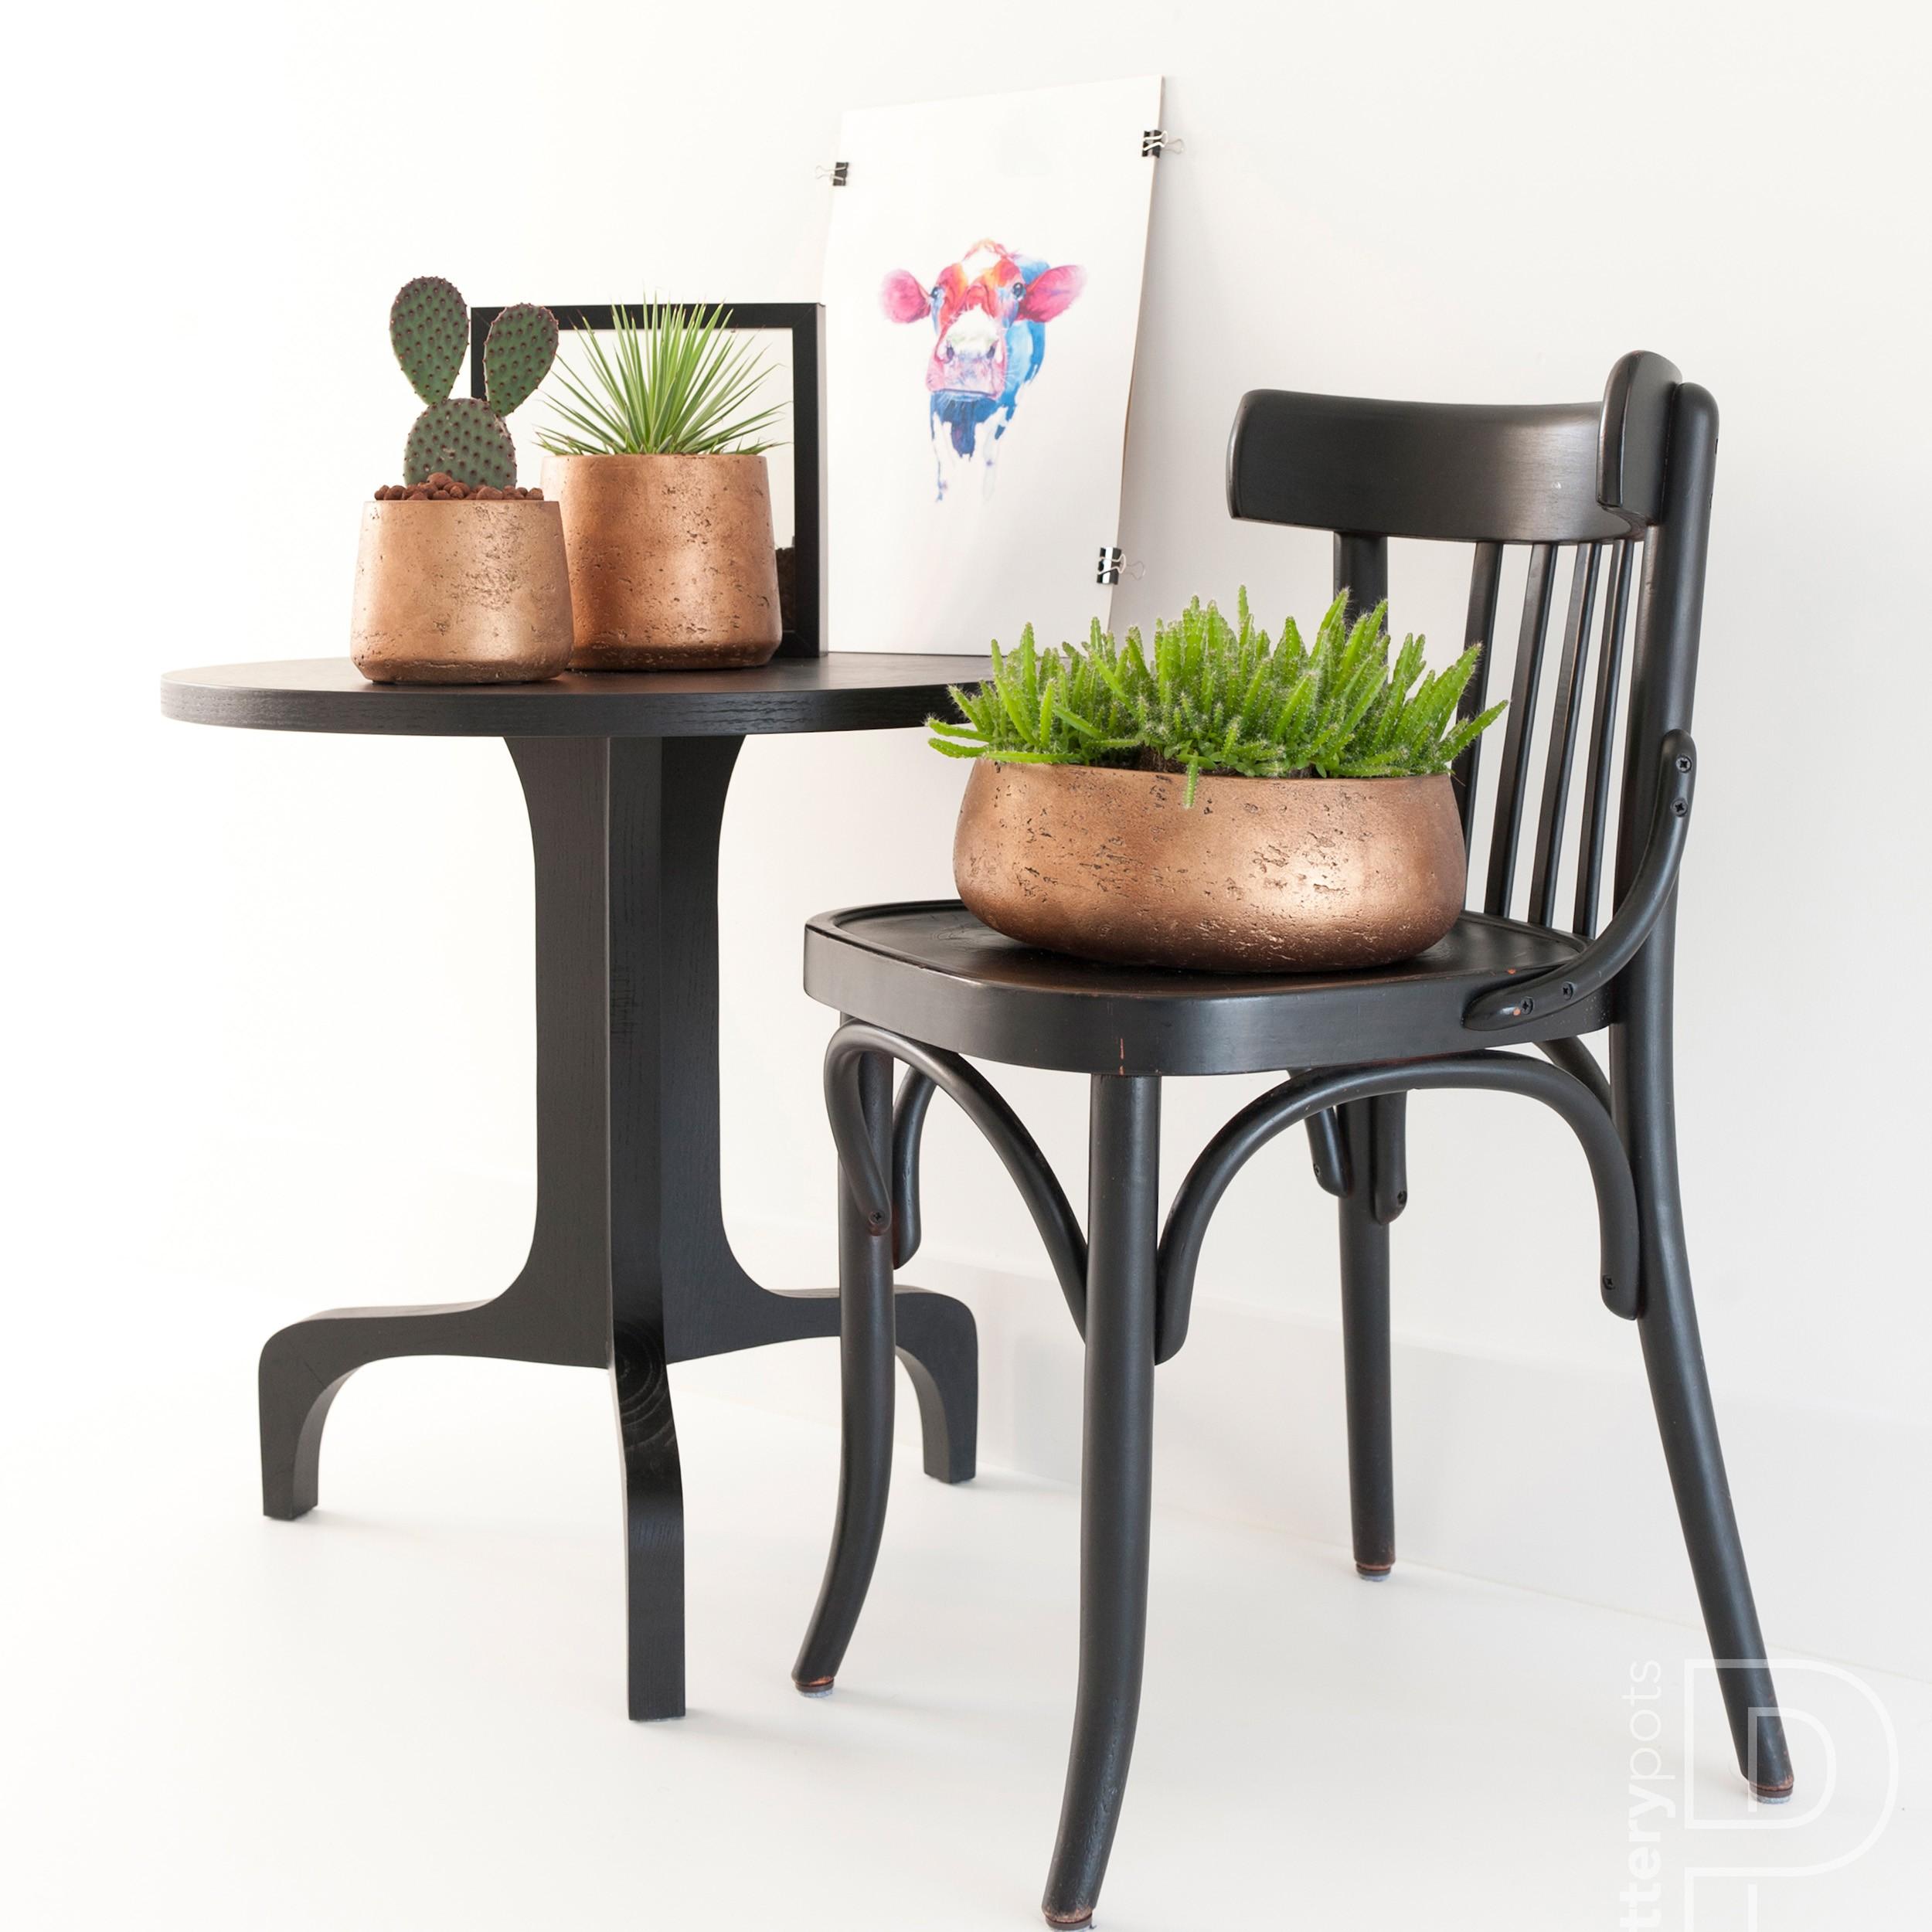 Pot de fleurs impasse Ø 15 cm Béton Optique Chambre plantes cache-pot de ciment